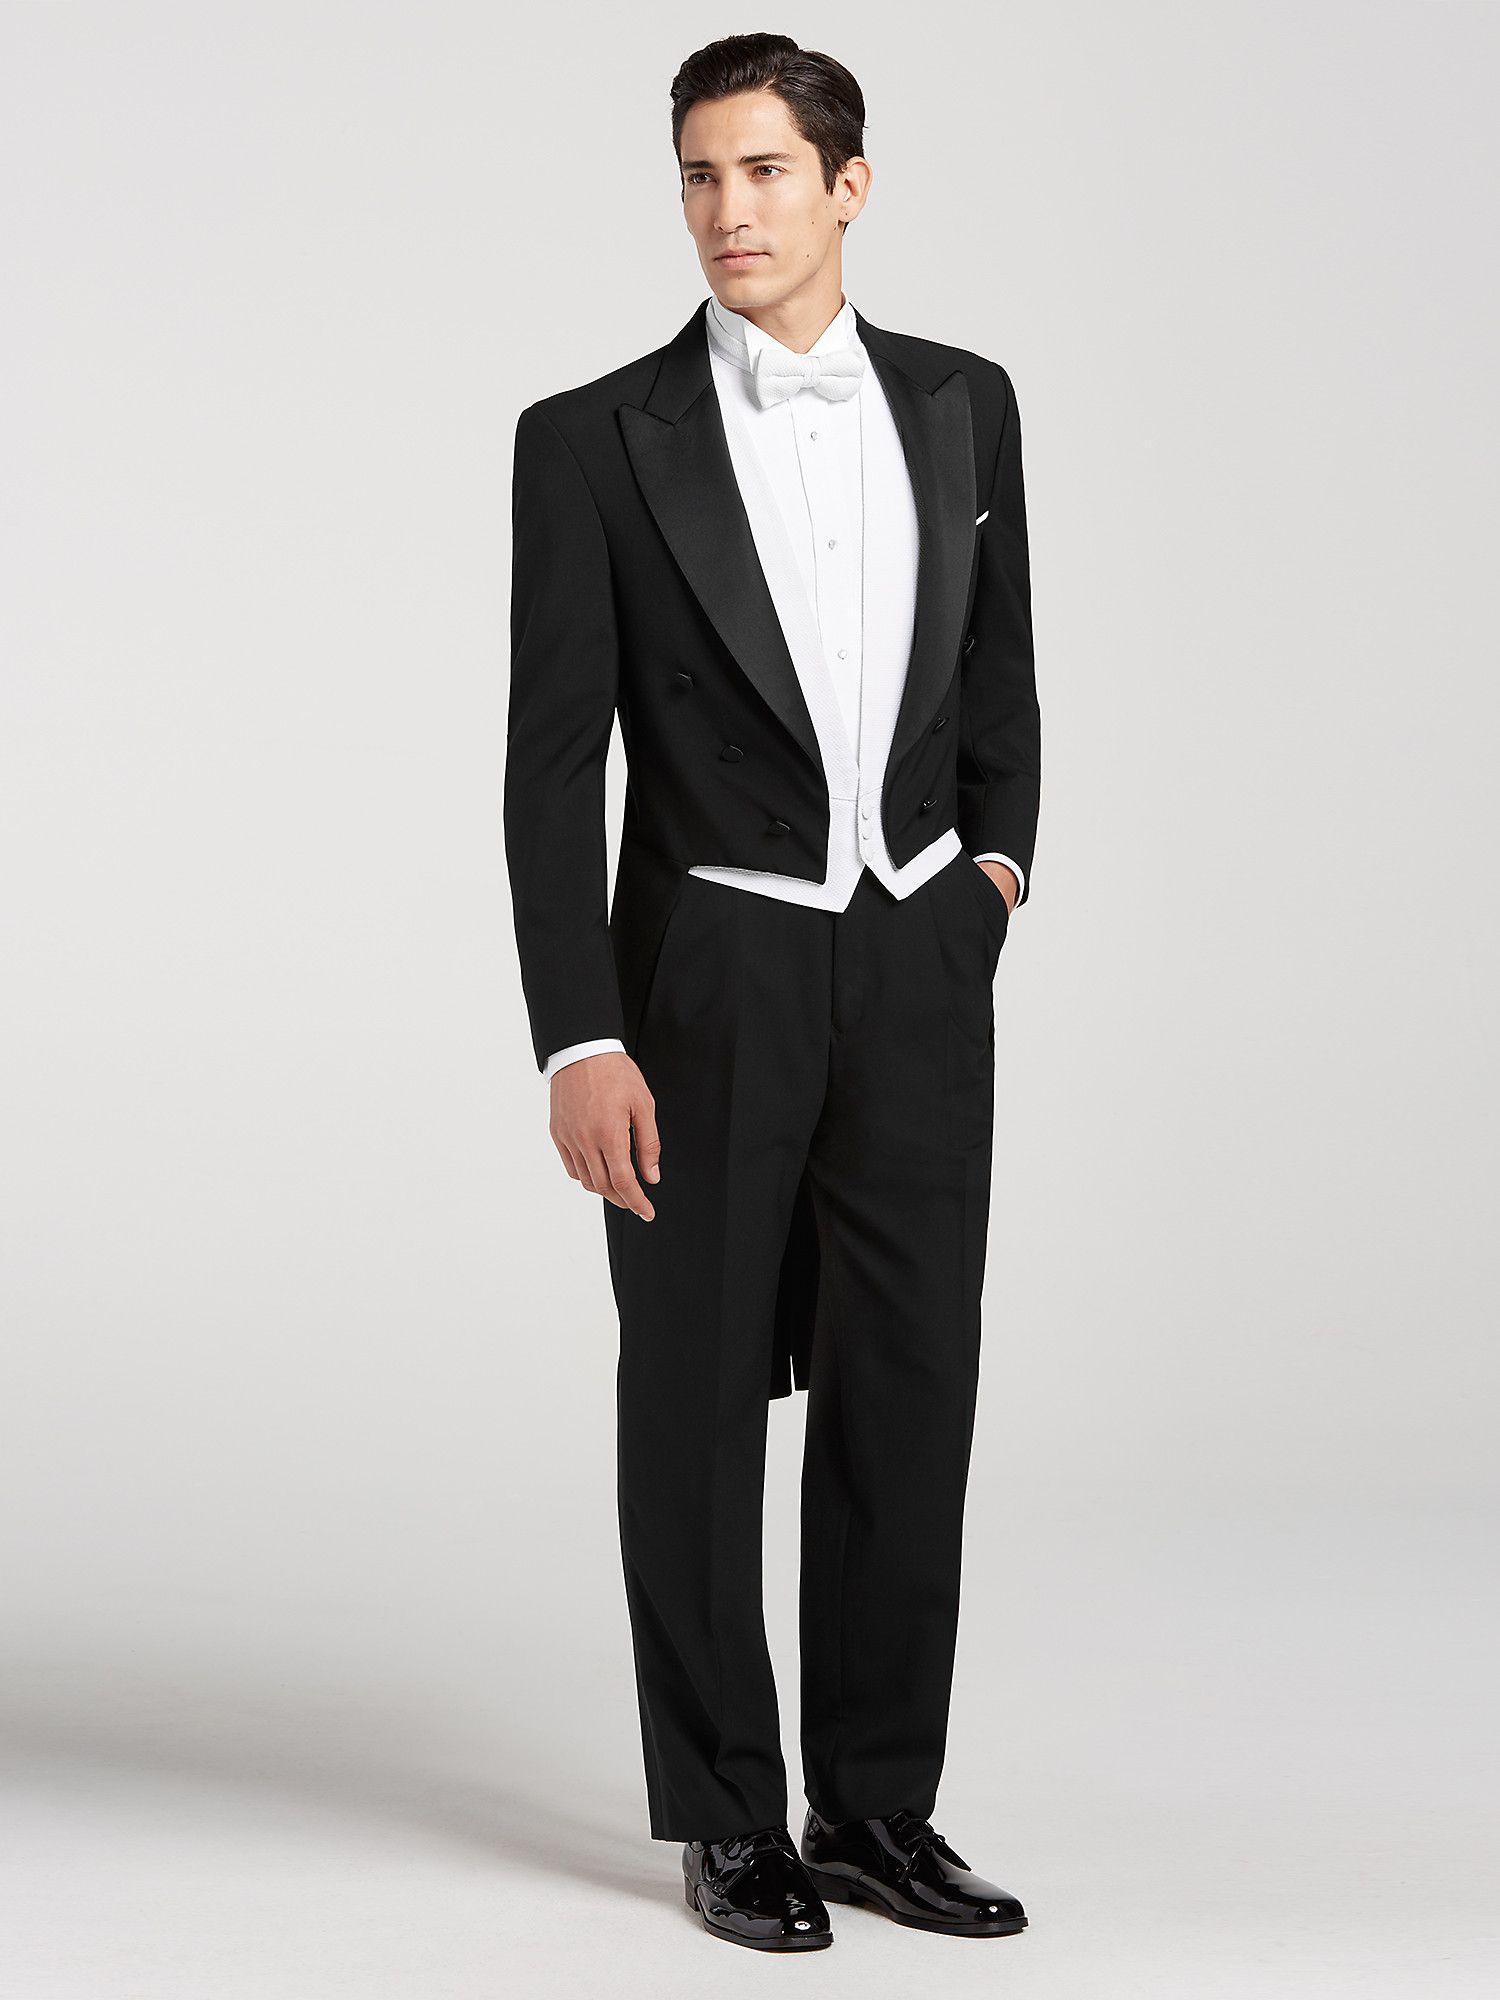 Joseph & Feiss Black Full Dress Tailcoat Tux Wedding